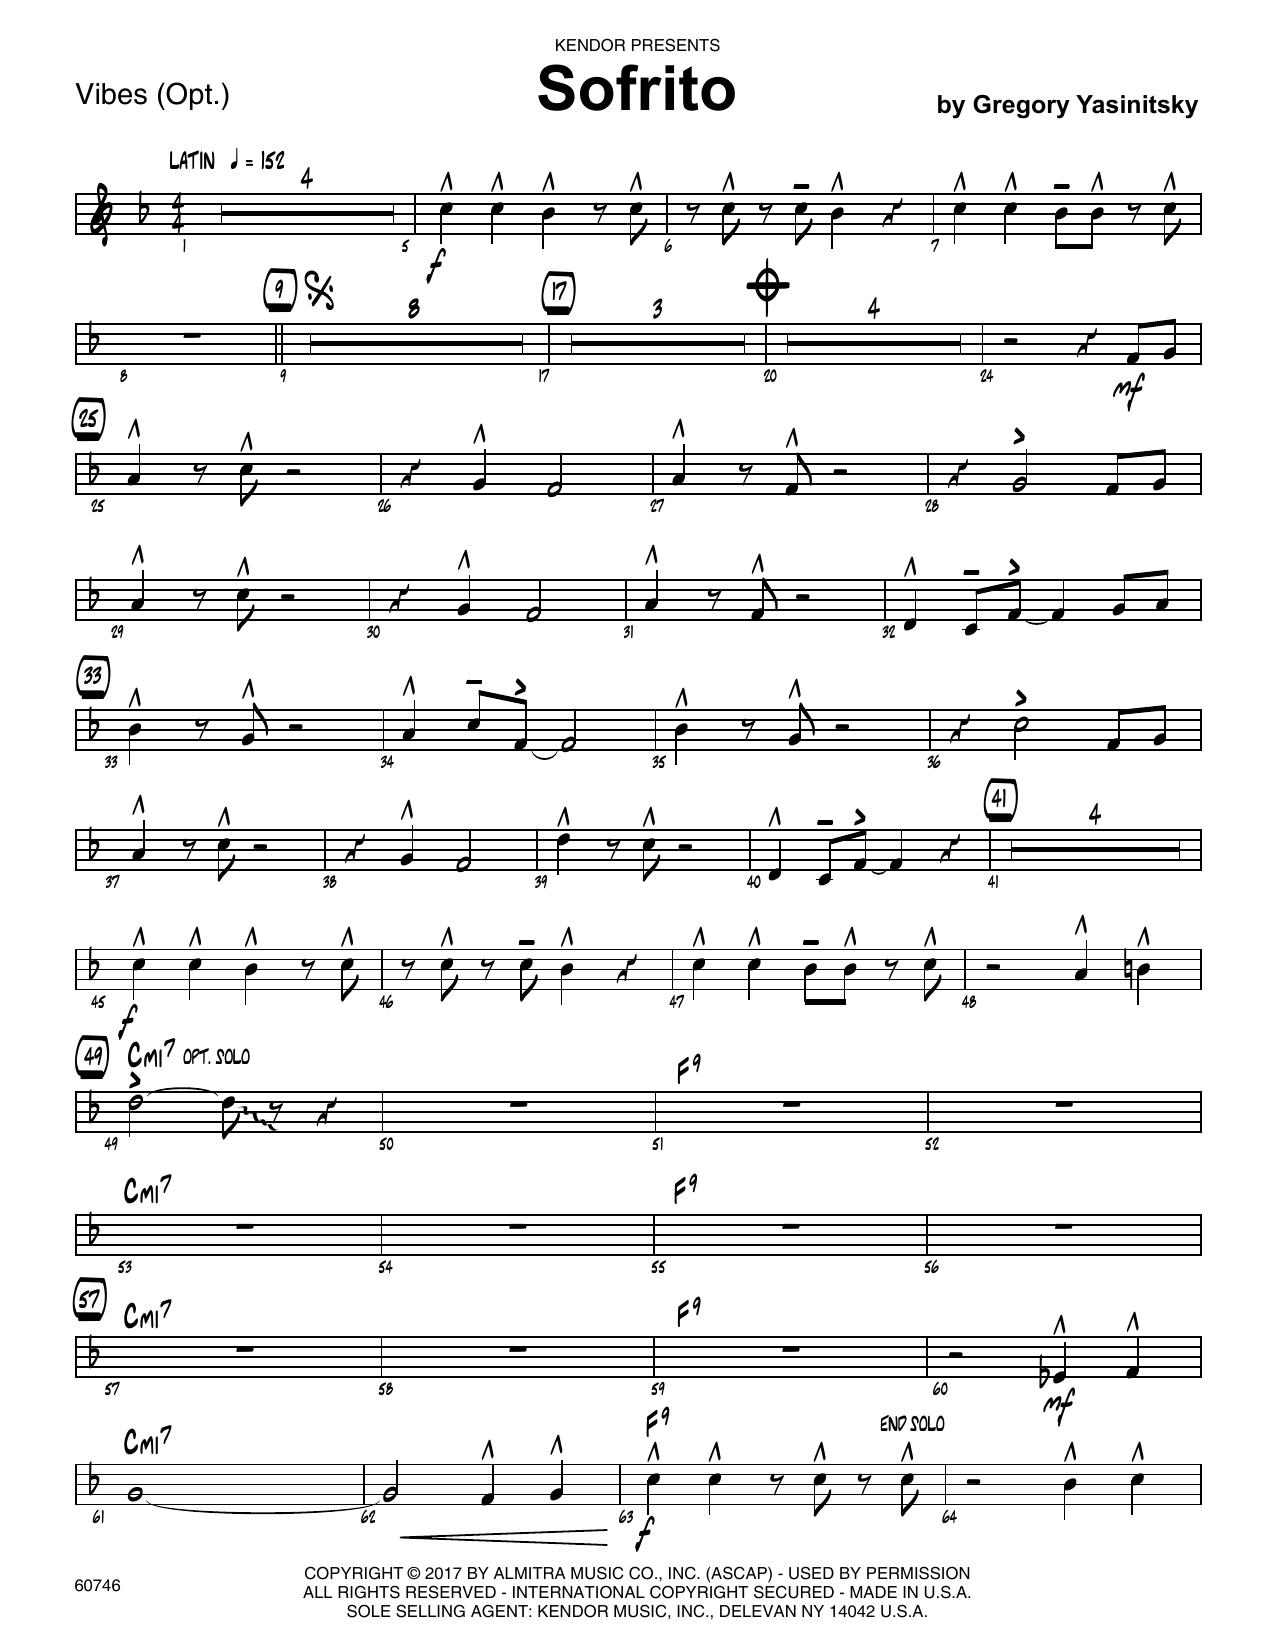 Sofrito - Vibes Sheet Music